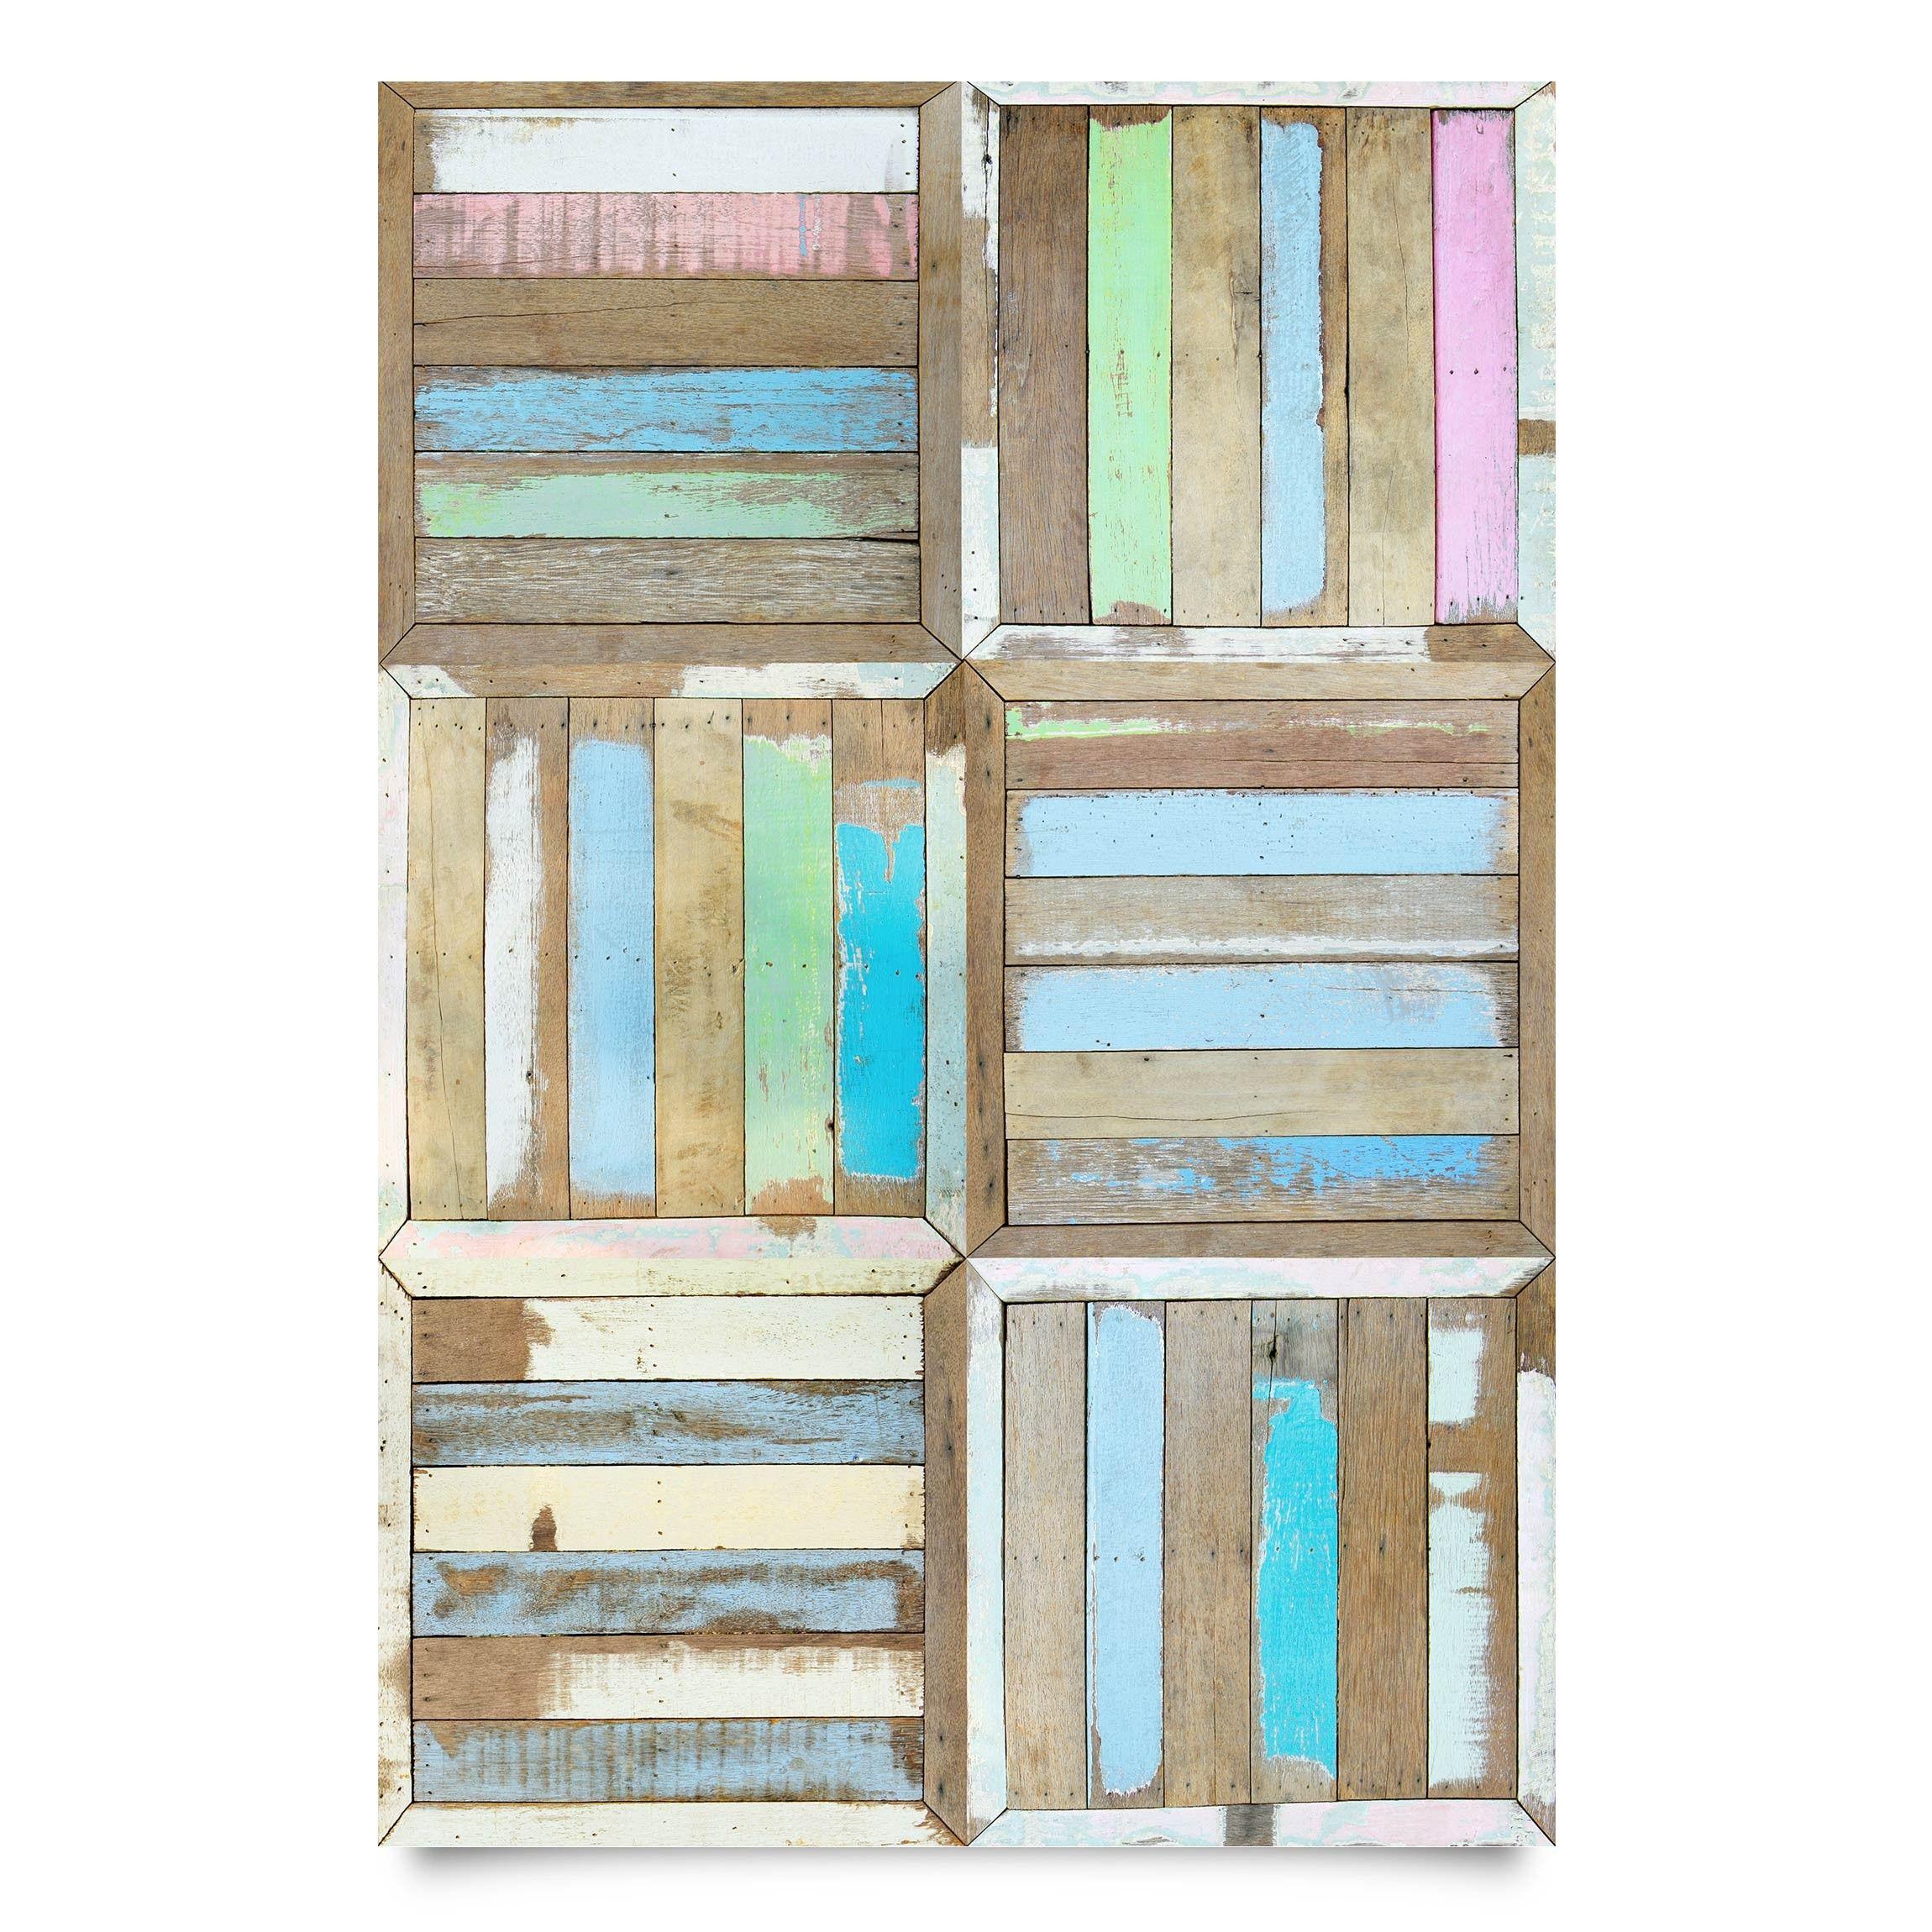 Möbelfolie - Rustic Timber Holzdekorfolie - Folie für Möbel ...